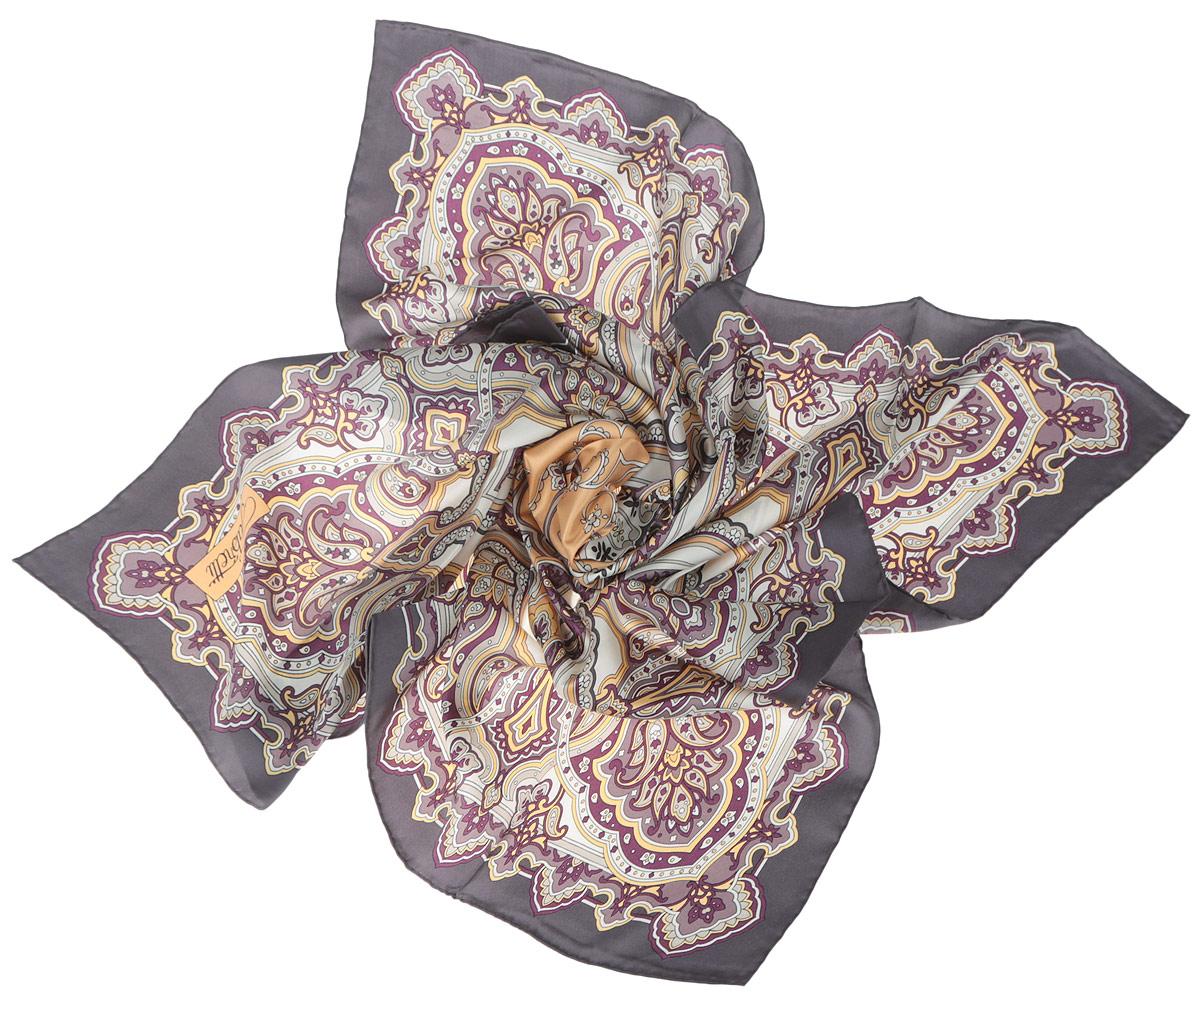 ПлатокCX1516-46-3Стильный женский платок Fabretti станет великолепным завершением любого наряда. Платок изготовлен из высококачественного 100% шелка и оформлен оригинальным принтом с цветочным орнаментом в восточном стиле. Классическая квадратная форма позволяет носить платок на шее, украшать им прическу или декорировать сумочку. Мягкий и шелковистый платок поможет вам создать изысканный женственный образ, а также согреет в непогоду. Такой платок превосходно дополнит любой наряд и подчеркнет ваш неповторимый вкус и элегантность.